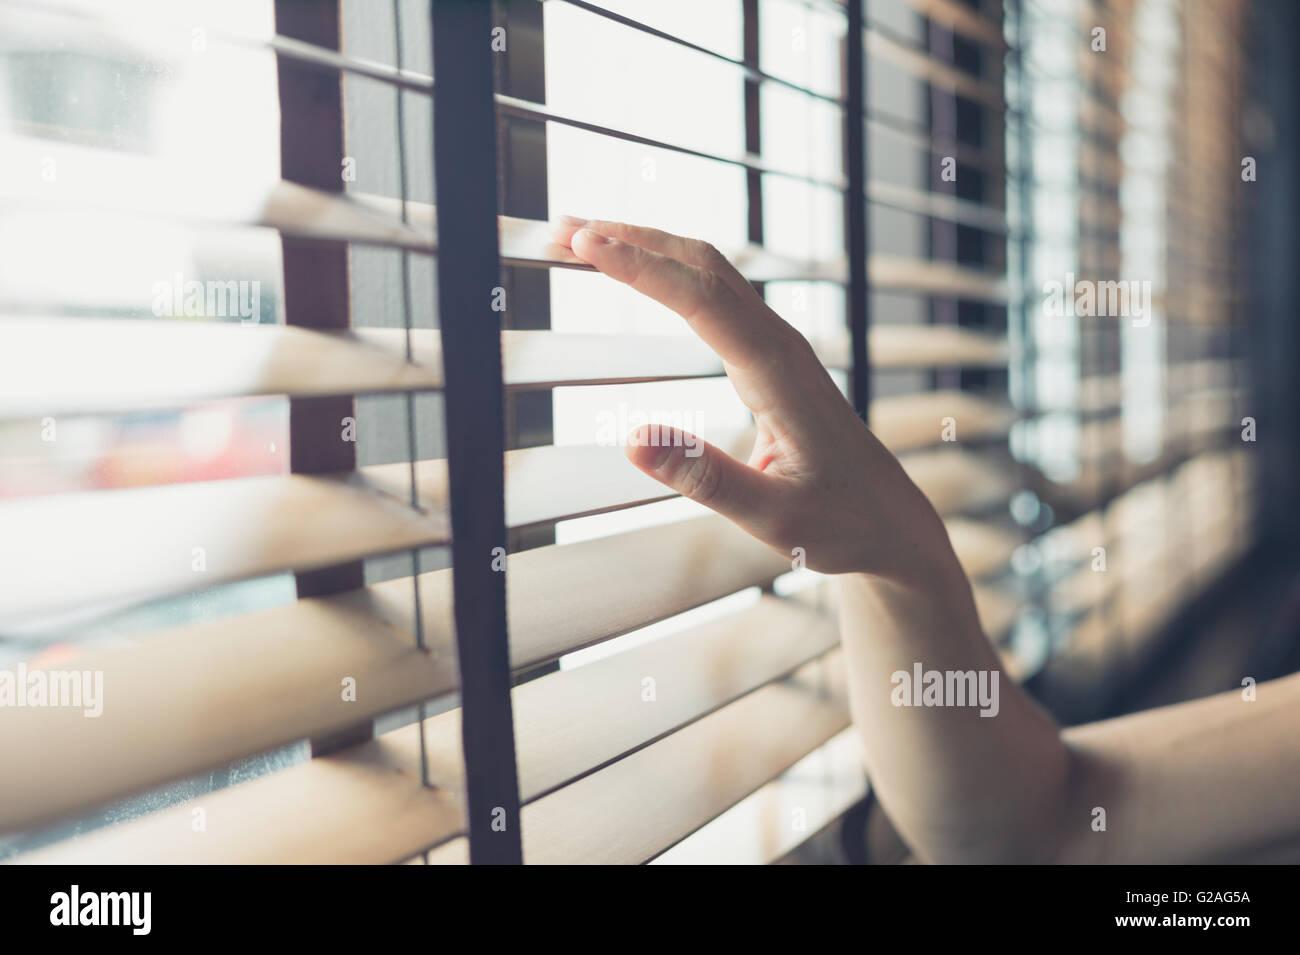 Eine junge weibliche Hand berührt einige Jalousien am Fenster Stockbild